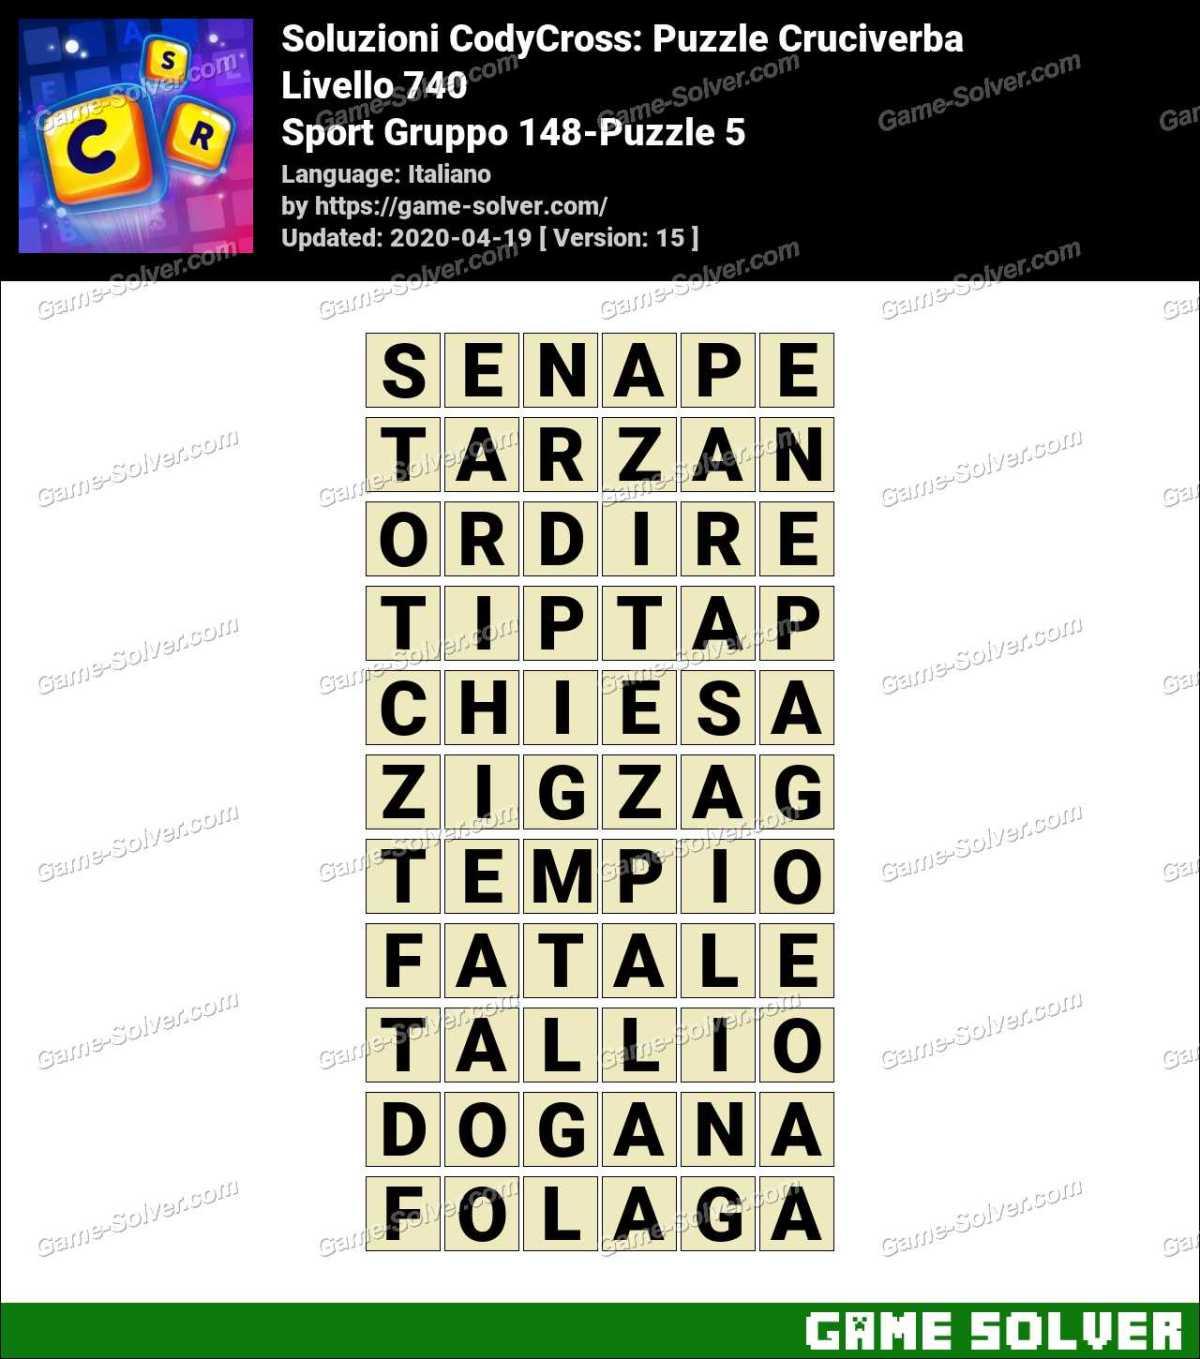 Soluzioni CodyCross Sport Gruppo 148-Puzzle 5